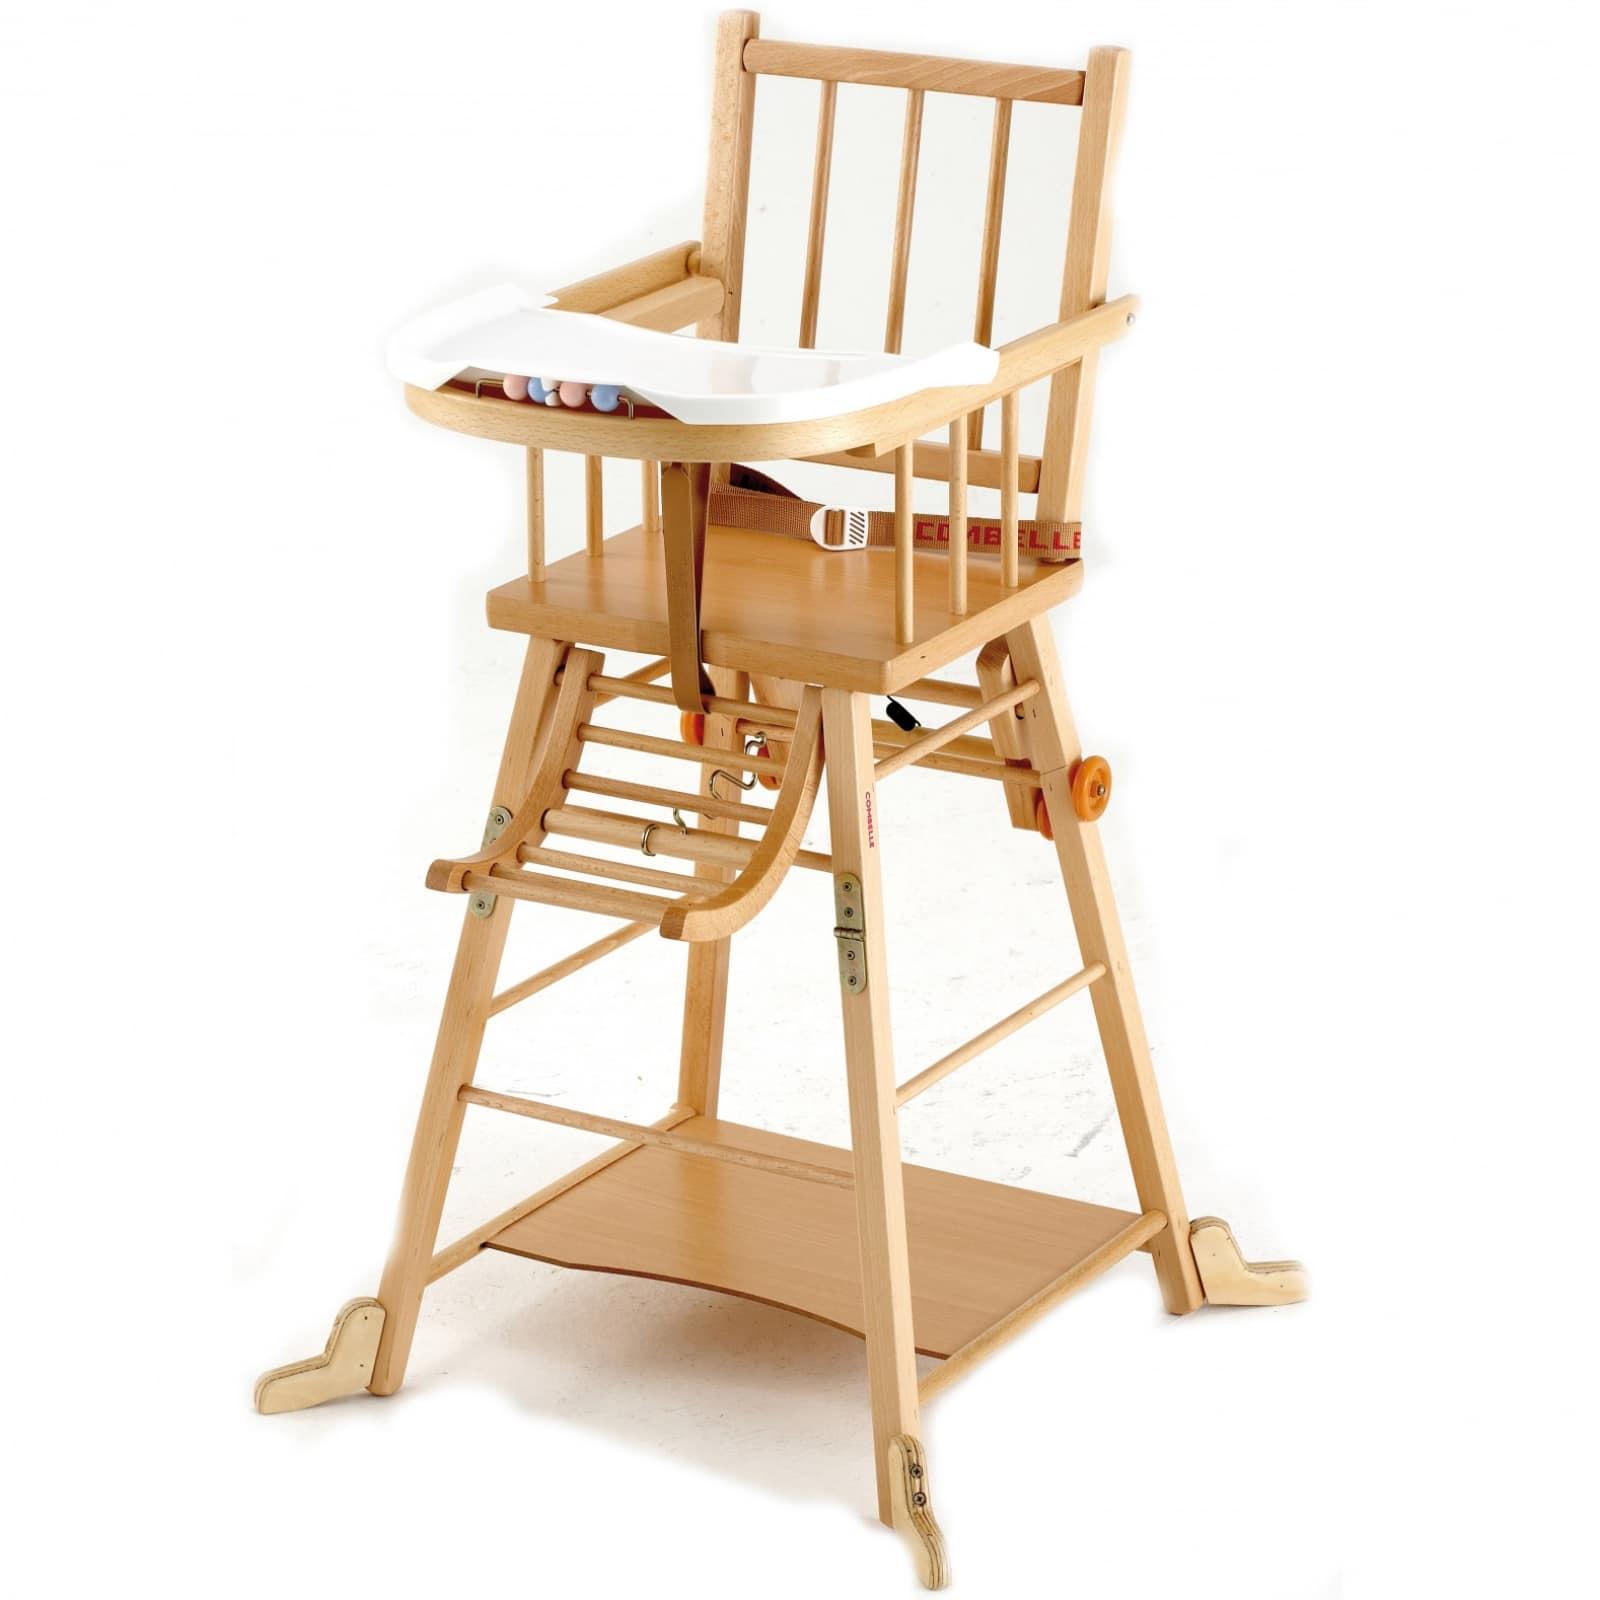 comment choisir la chaise haute pour son enfant. Black Bedroom Furniture Sets. Home Design Ideas